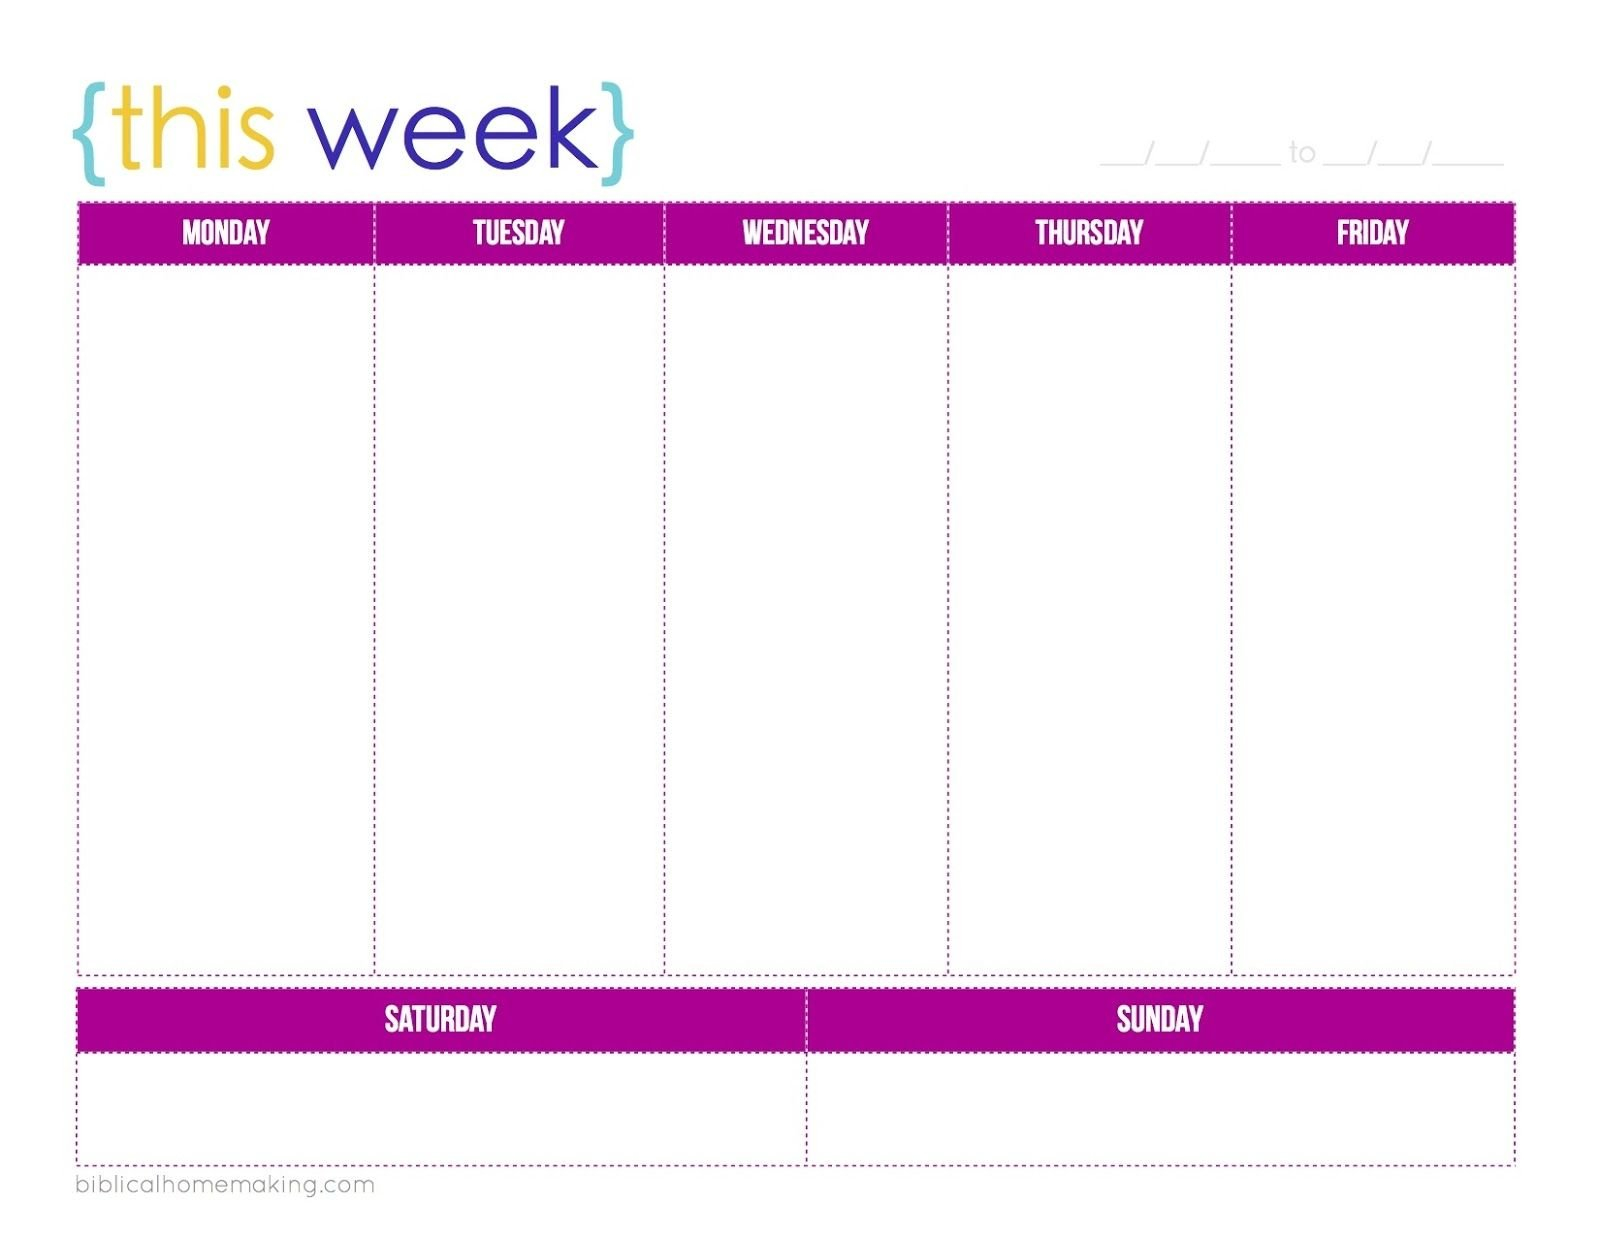 This Week A Free Weekly Planner Printable Biblical Printable One Week Calendar Free